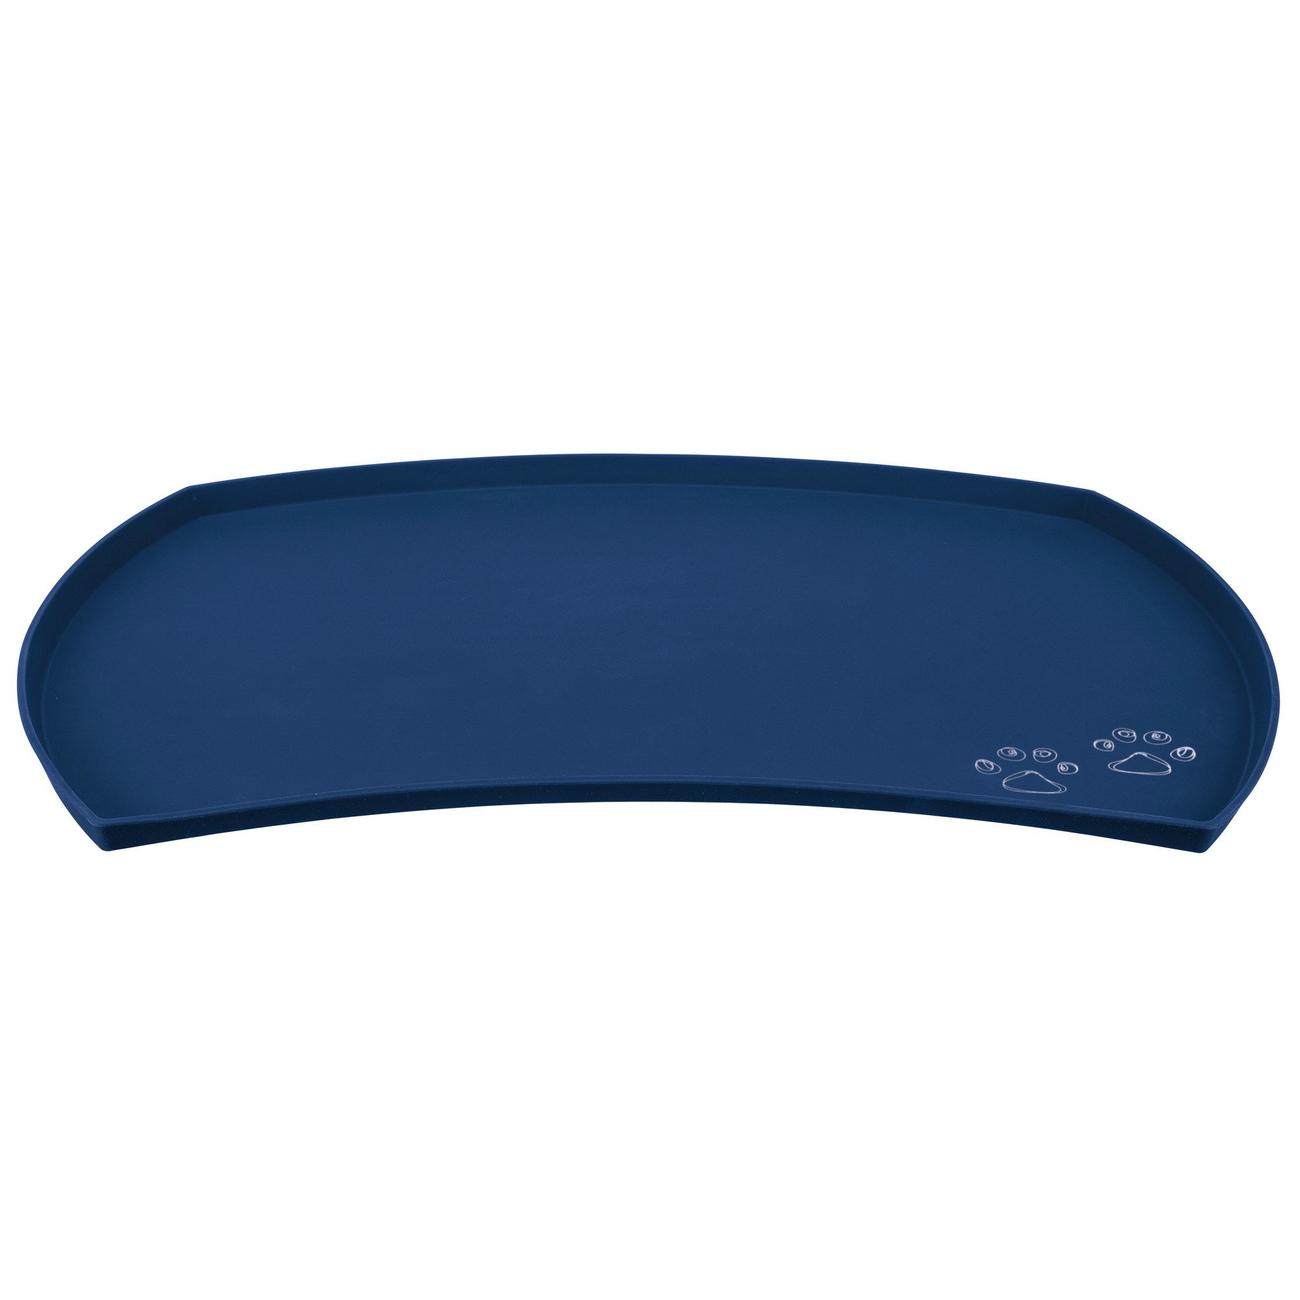 Trixie Napfunterlage aus Silikon, 48 × 27 cm, blau